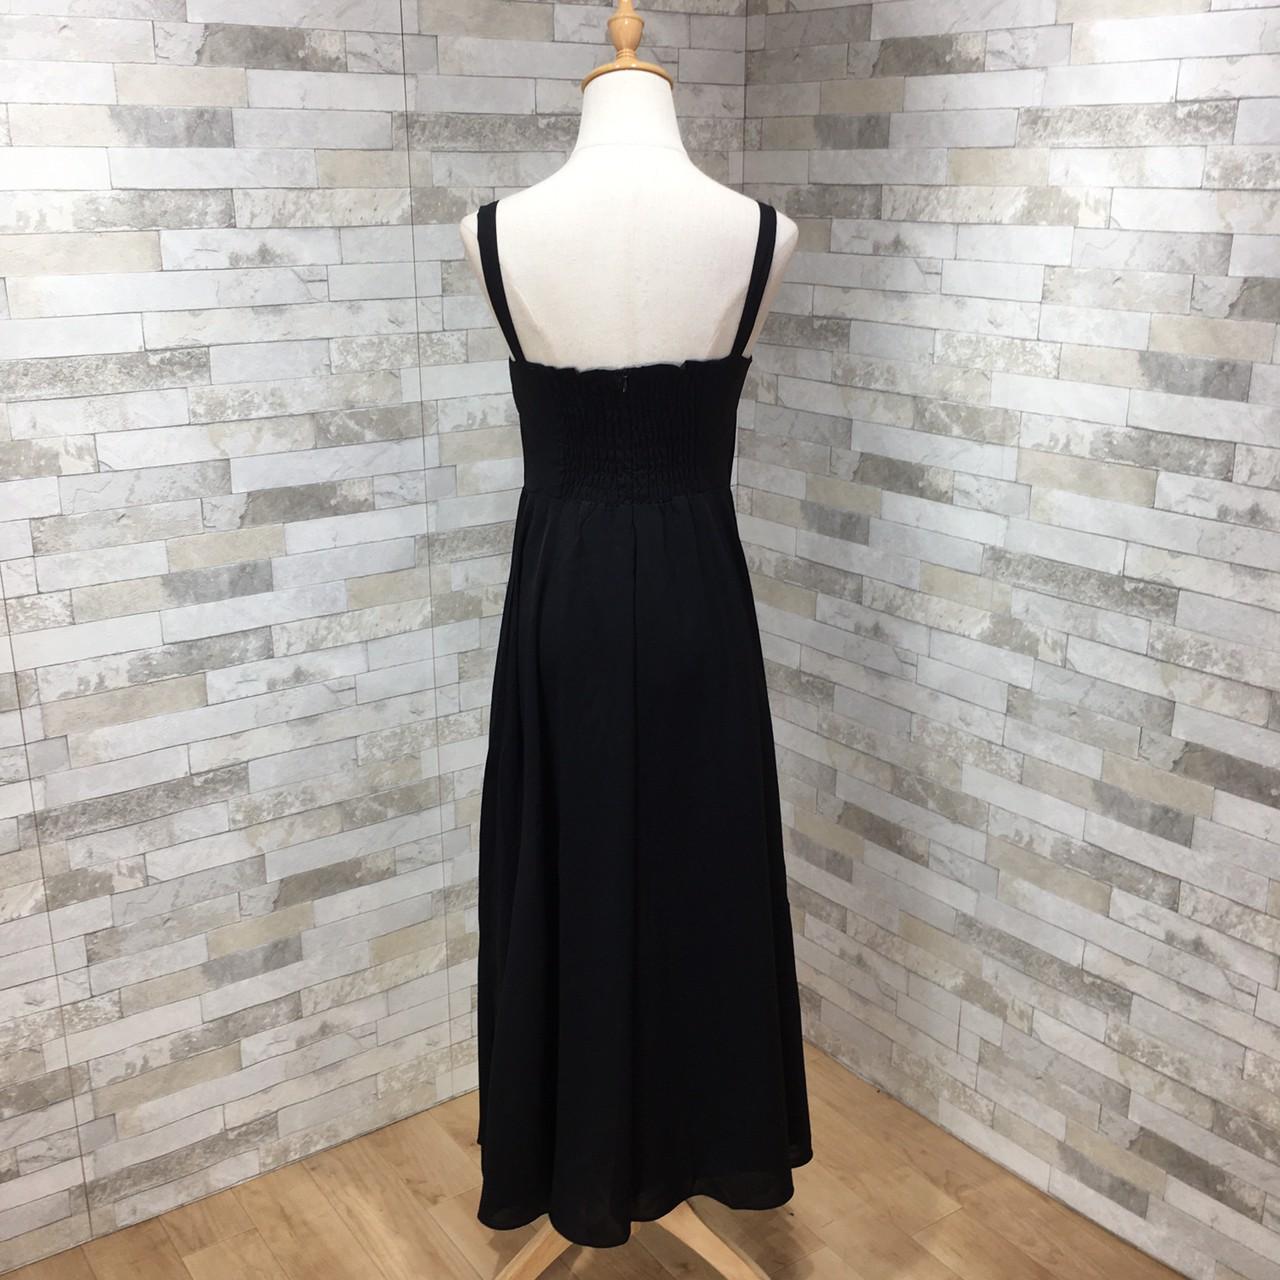 韓国 ファッション ワンピース 春 夏 秋 カジュアル PTXI015  タック ドレープ ジャンパースカート 着回し オルチャン シンプル 定番 セレカジの写真12枚目